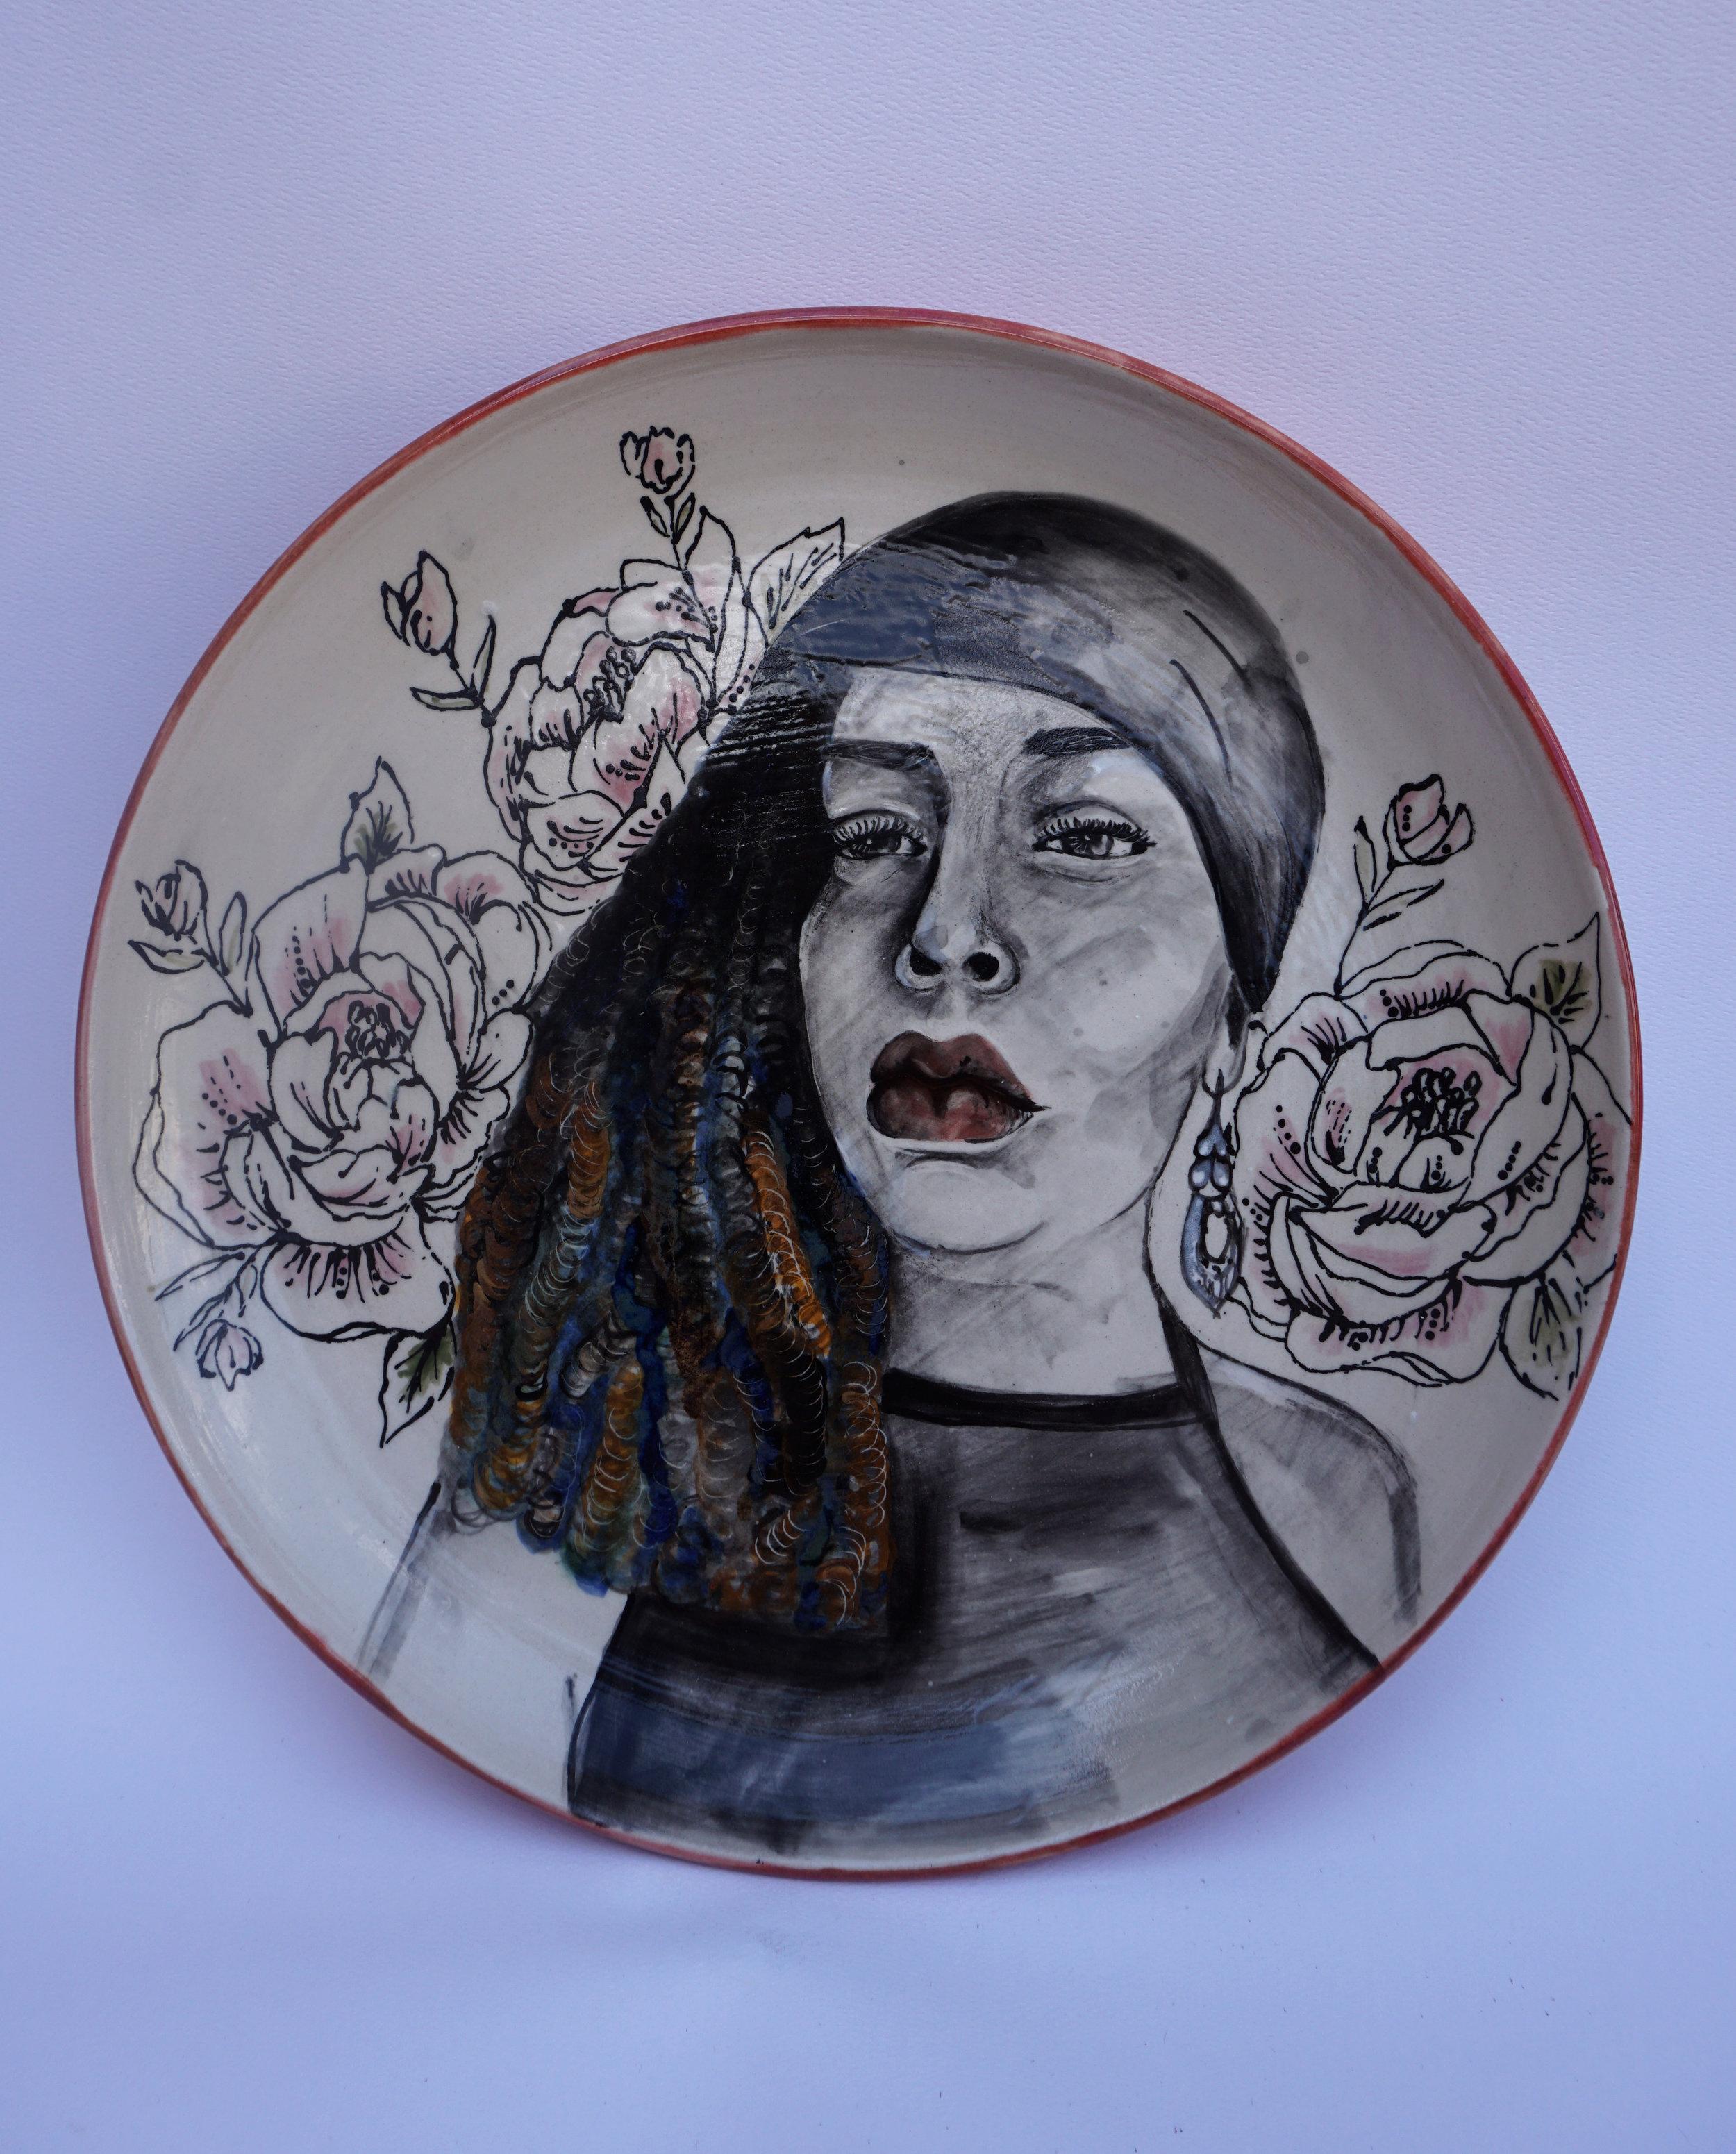 _Warrior__porcelain plate.jpg